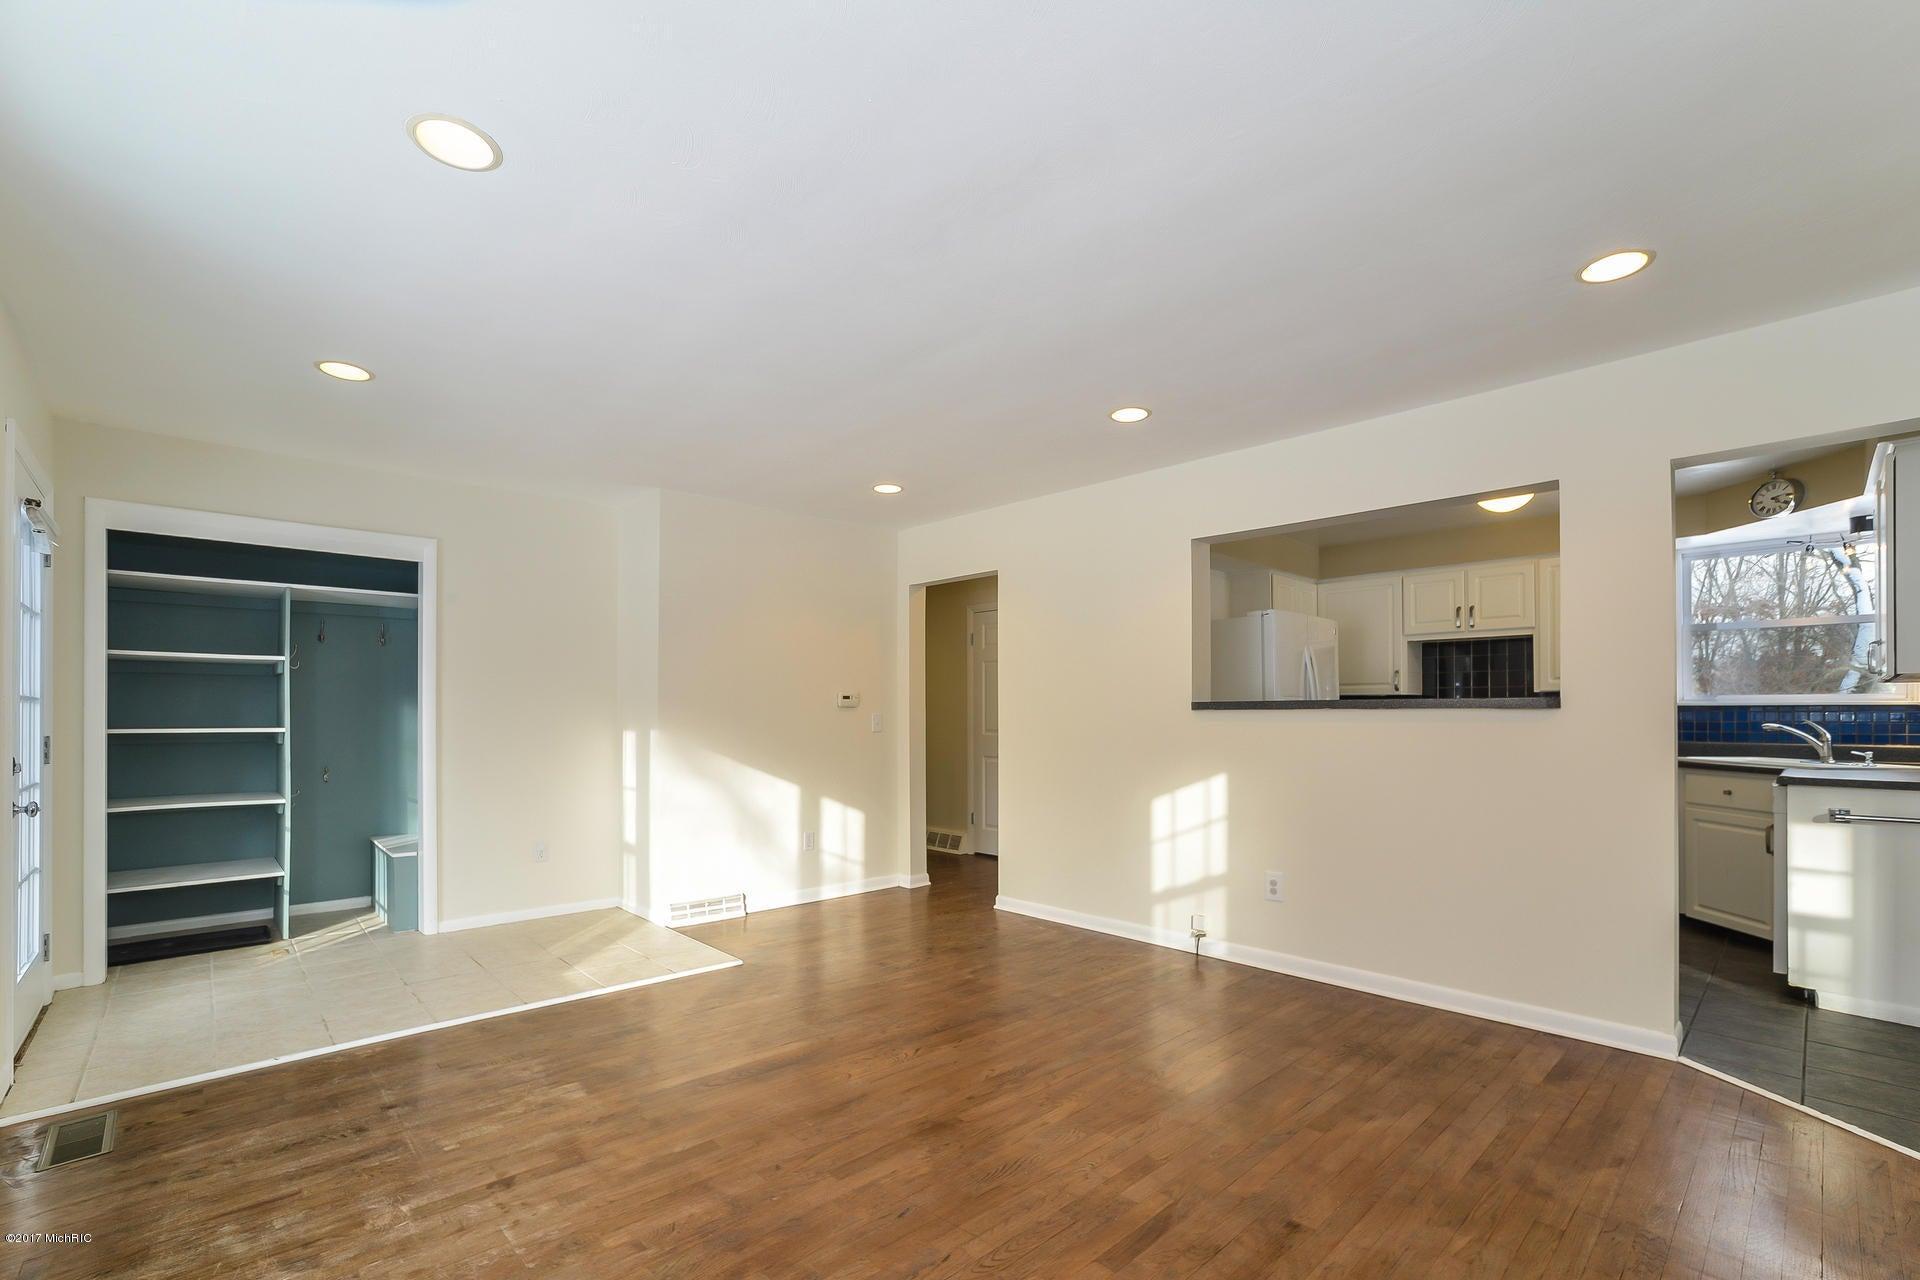 005-Living_Room-3668425-medium